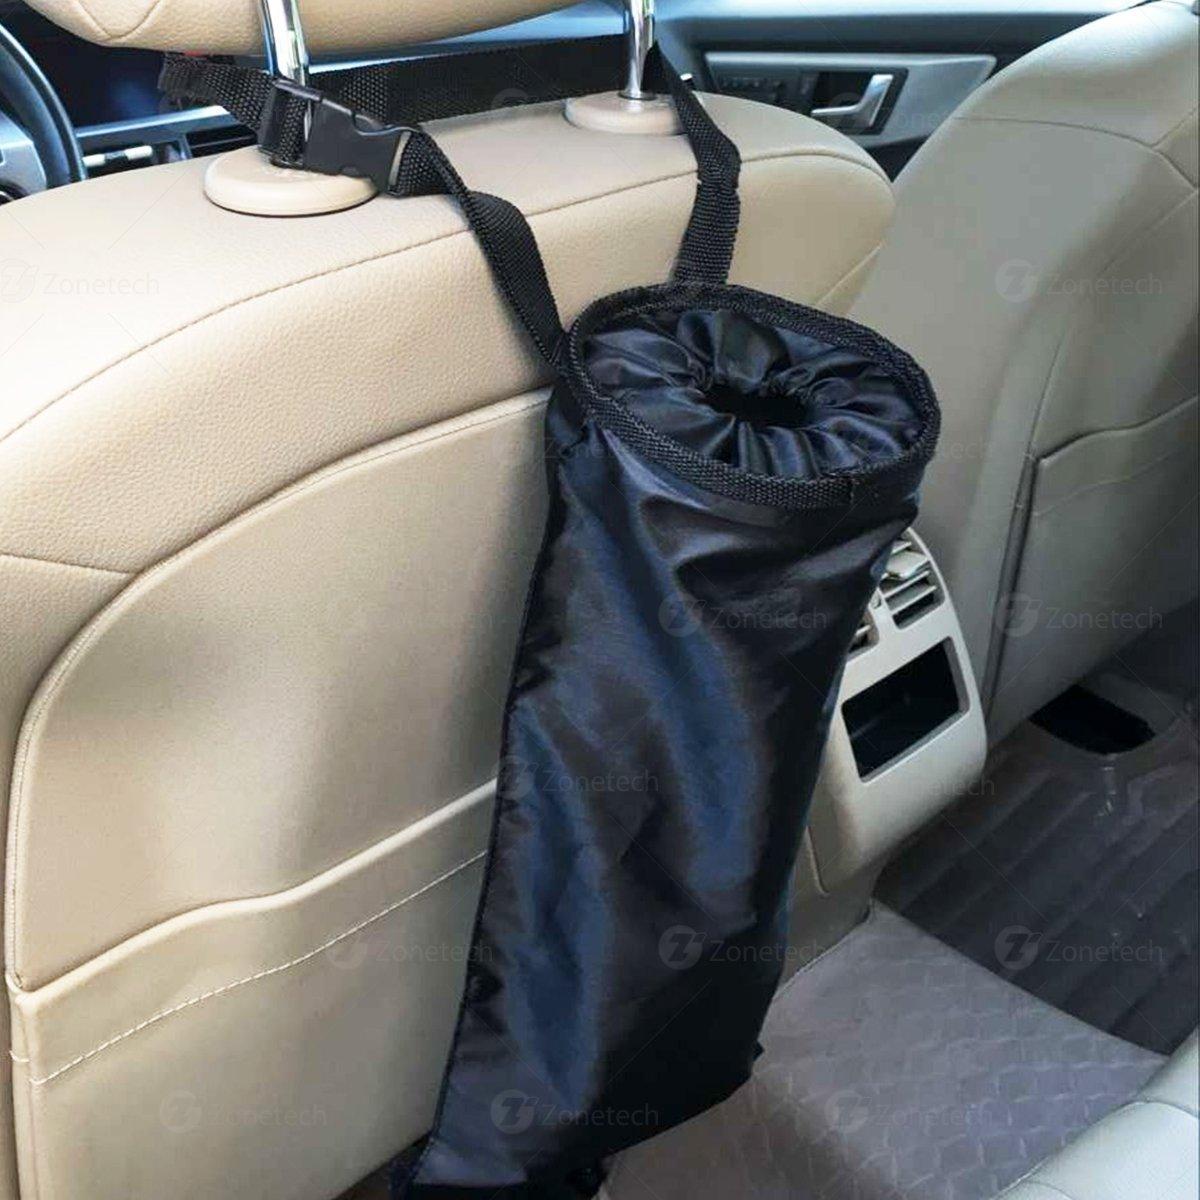 Car Interior Trash Can Black Headrest Leakproof Traveling Garbage Bag-Seatback Universal Litter Bag